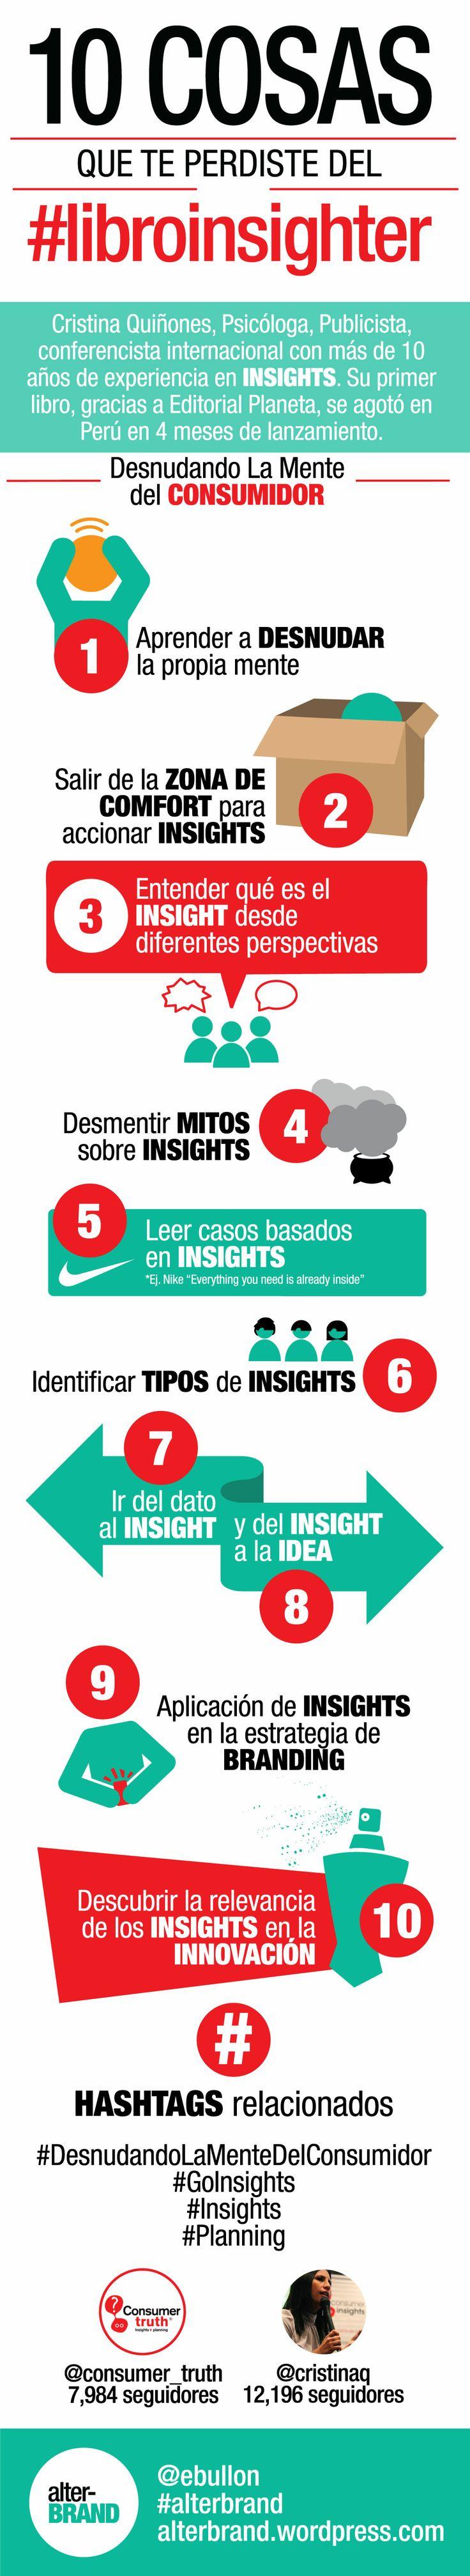 """10 Datos del libro Insighter """"Desnudando la mente del Consumidor"""" - MarketerosLATAM"""